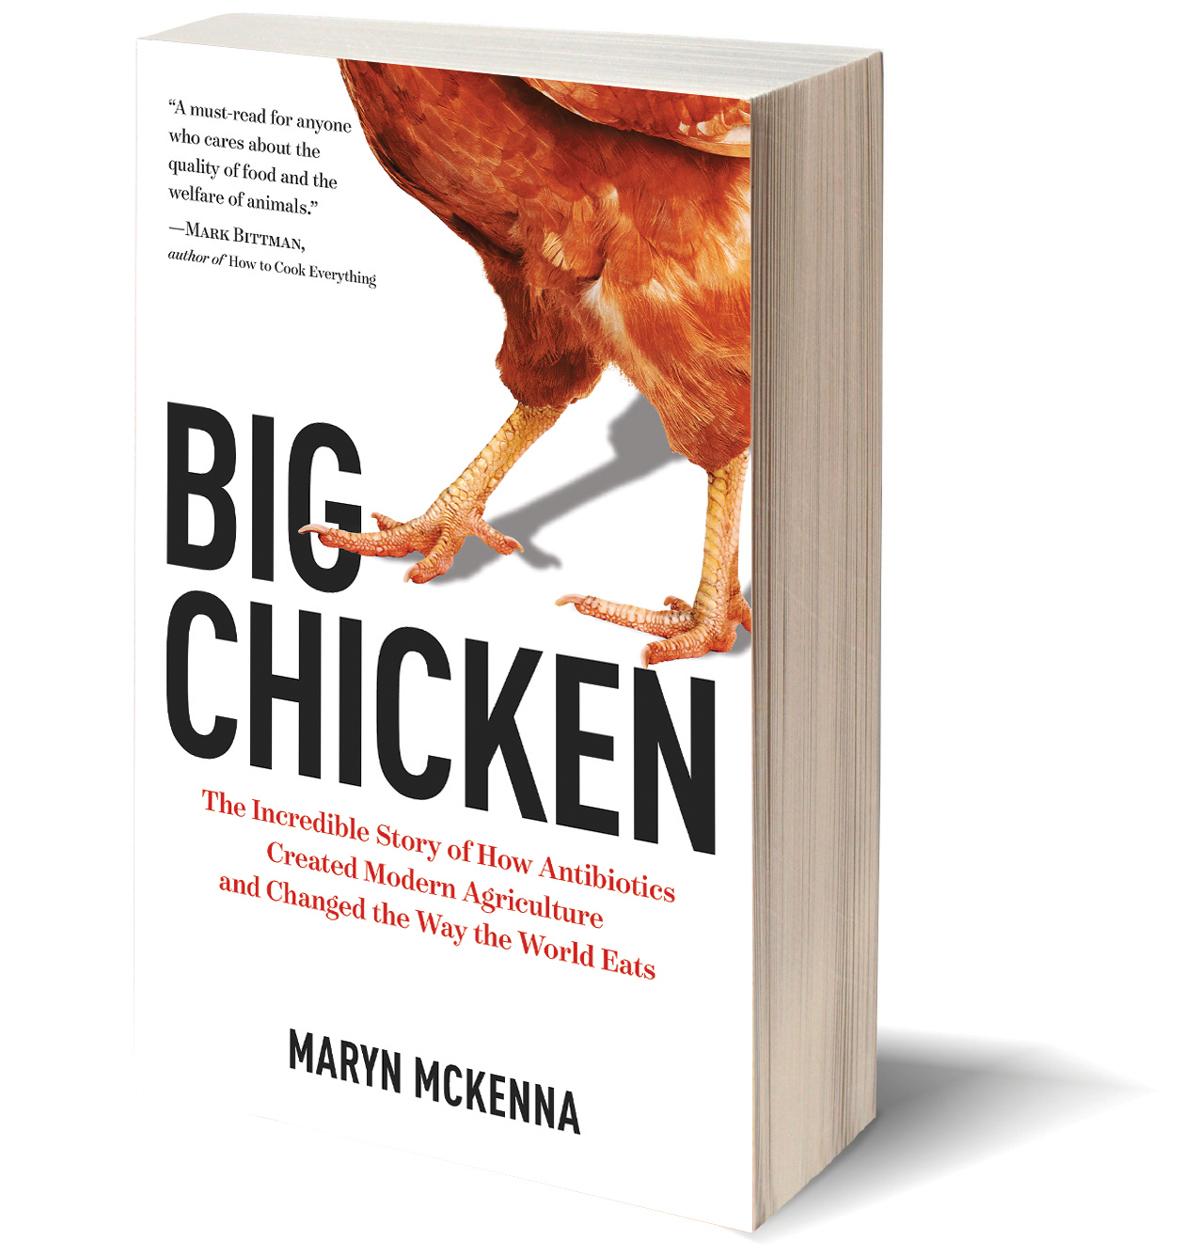 Big Chicken by Maryn McKenna